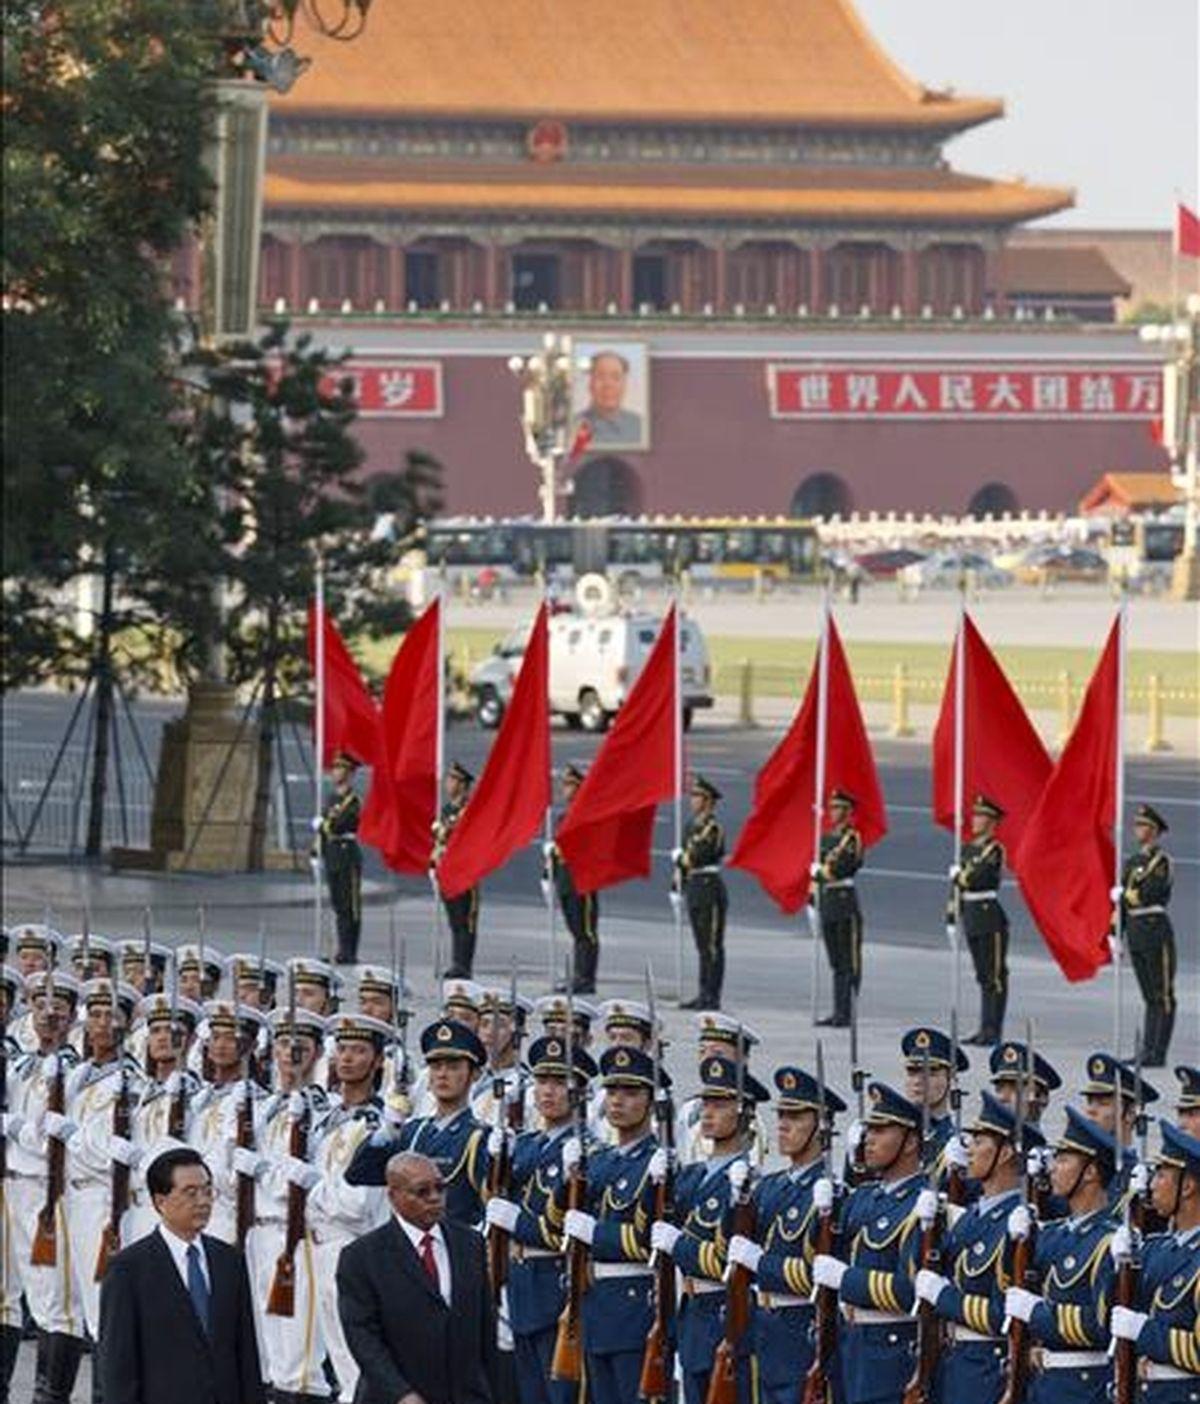 Fotografía de archivo fechada el 24 de agosto de 2010 del presidente sudafricano, Jacob Zuma (d) acompañado de su homólogo chino, Hu Jintao, durante la ceremonia de bienvenida en Pekín, China. EFE/Archivo